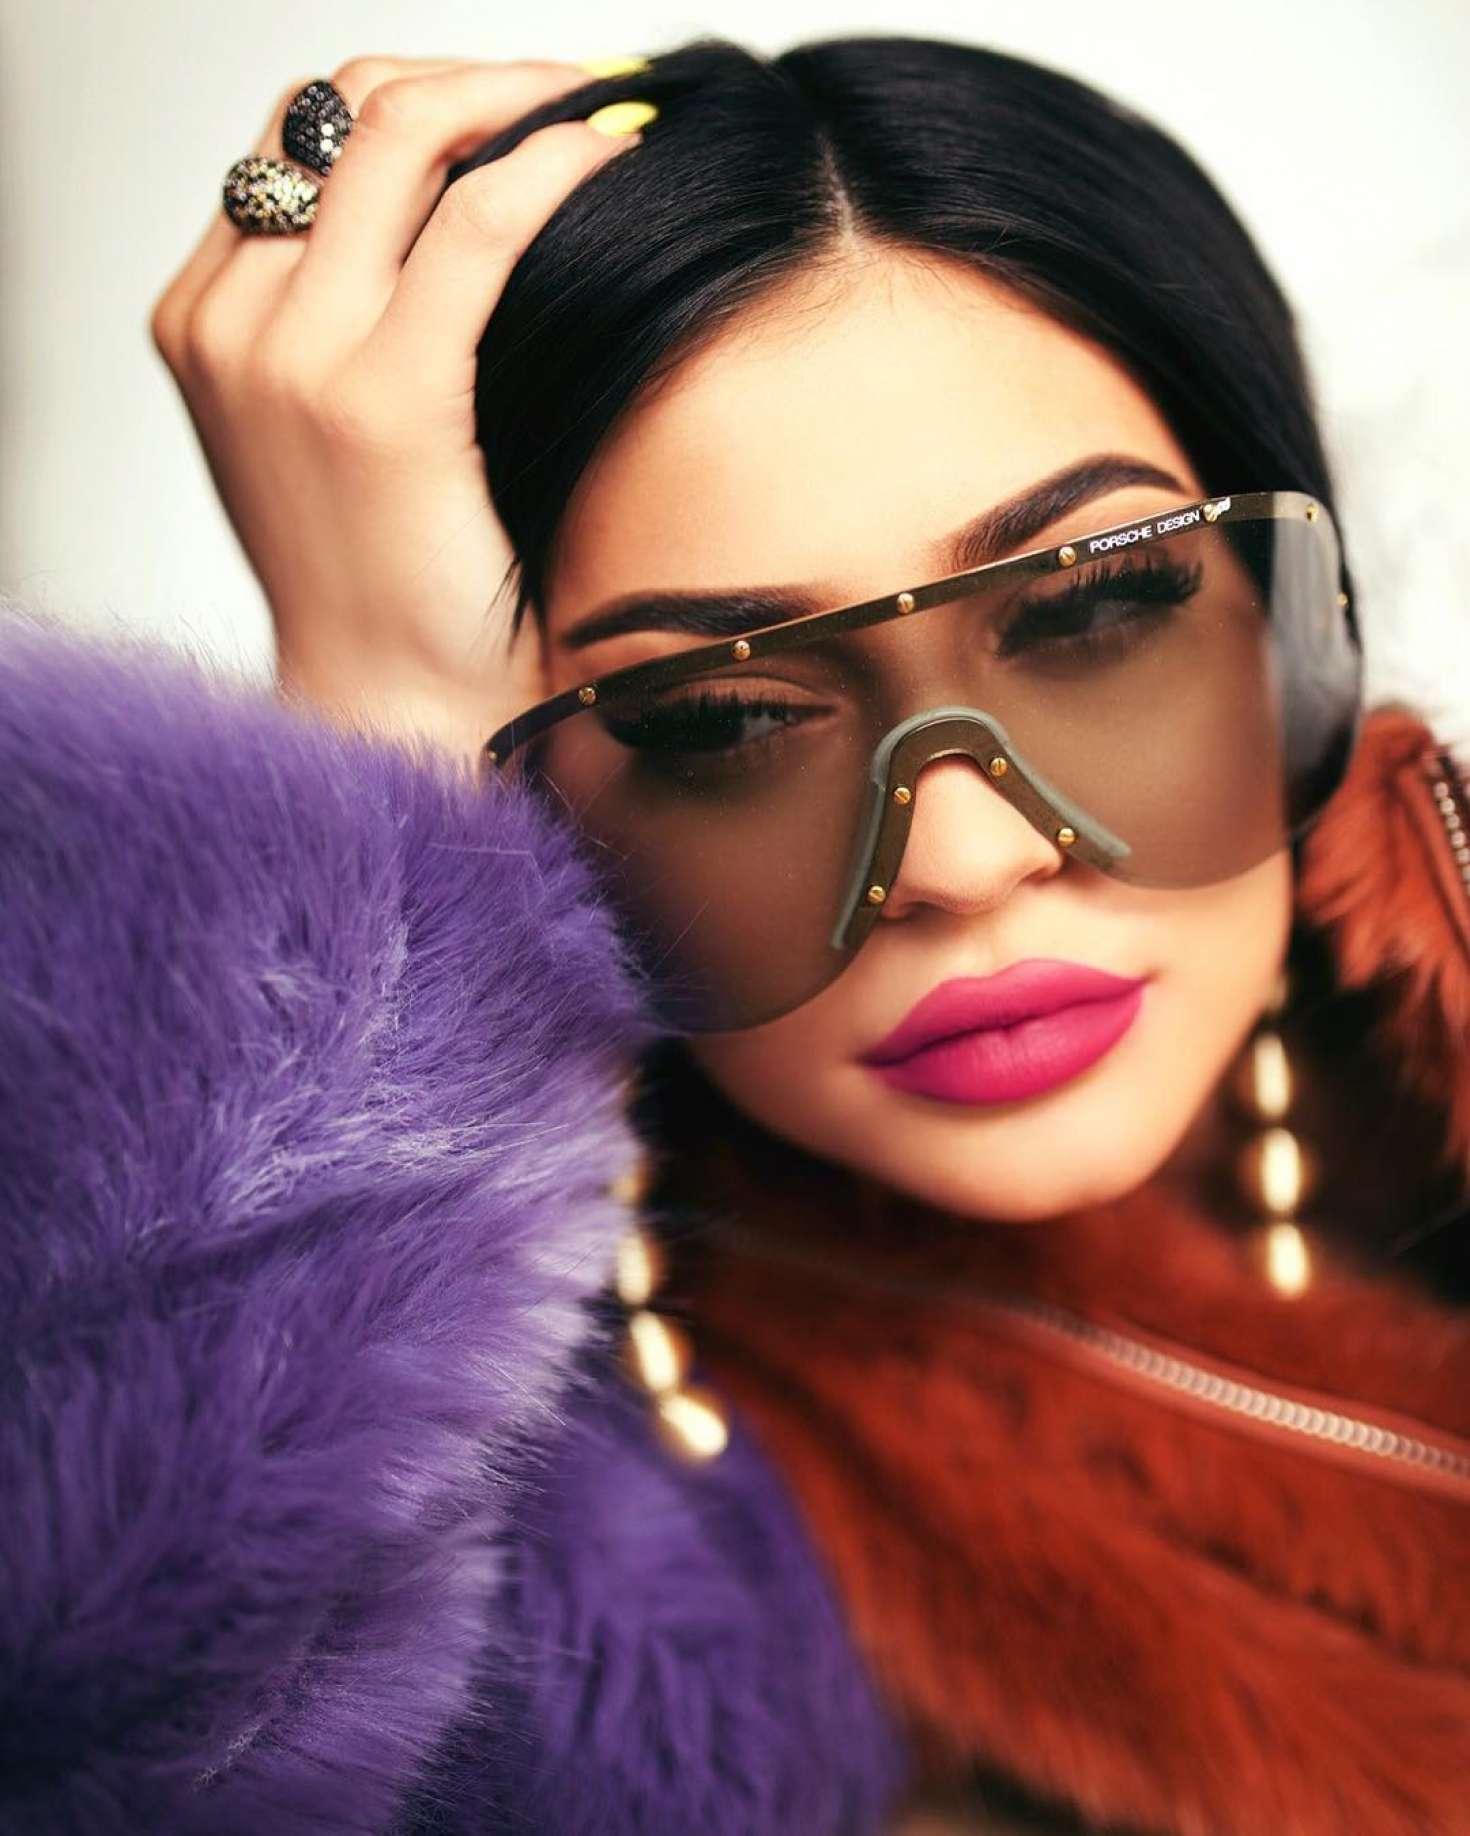 Kylie Jenner by Sasha Samsonova Shoot 2017